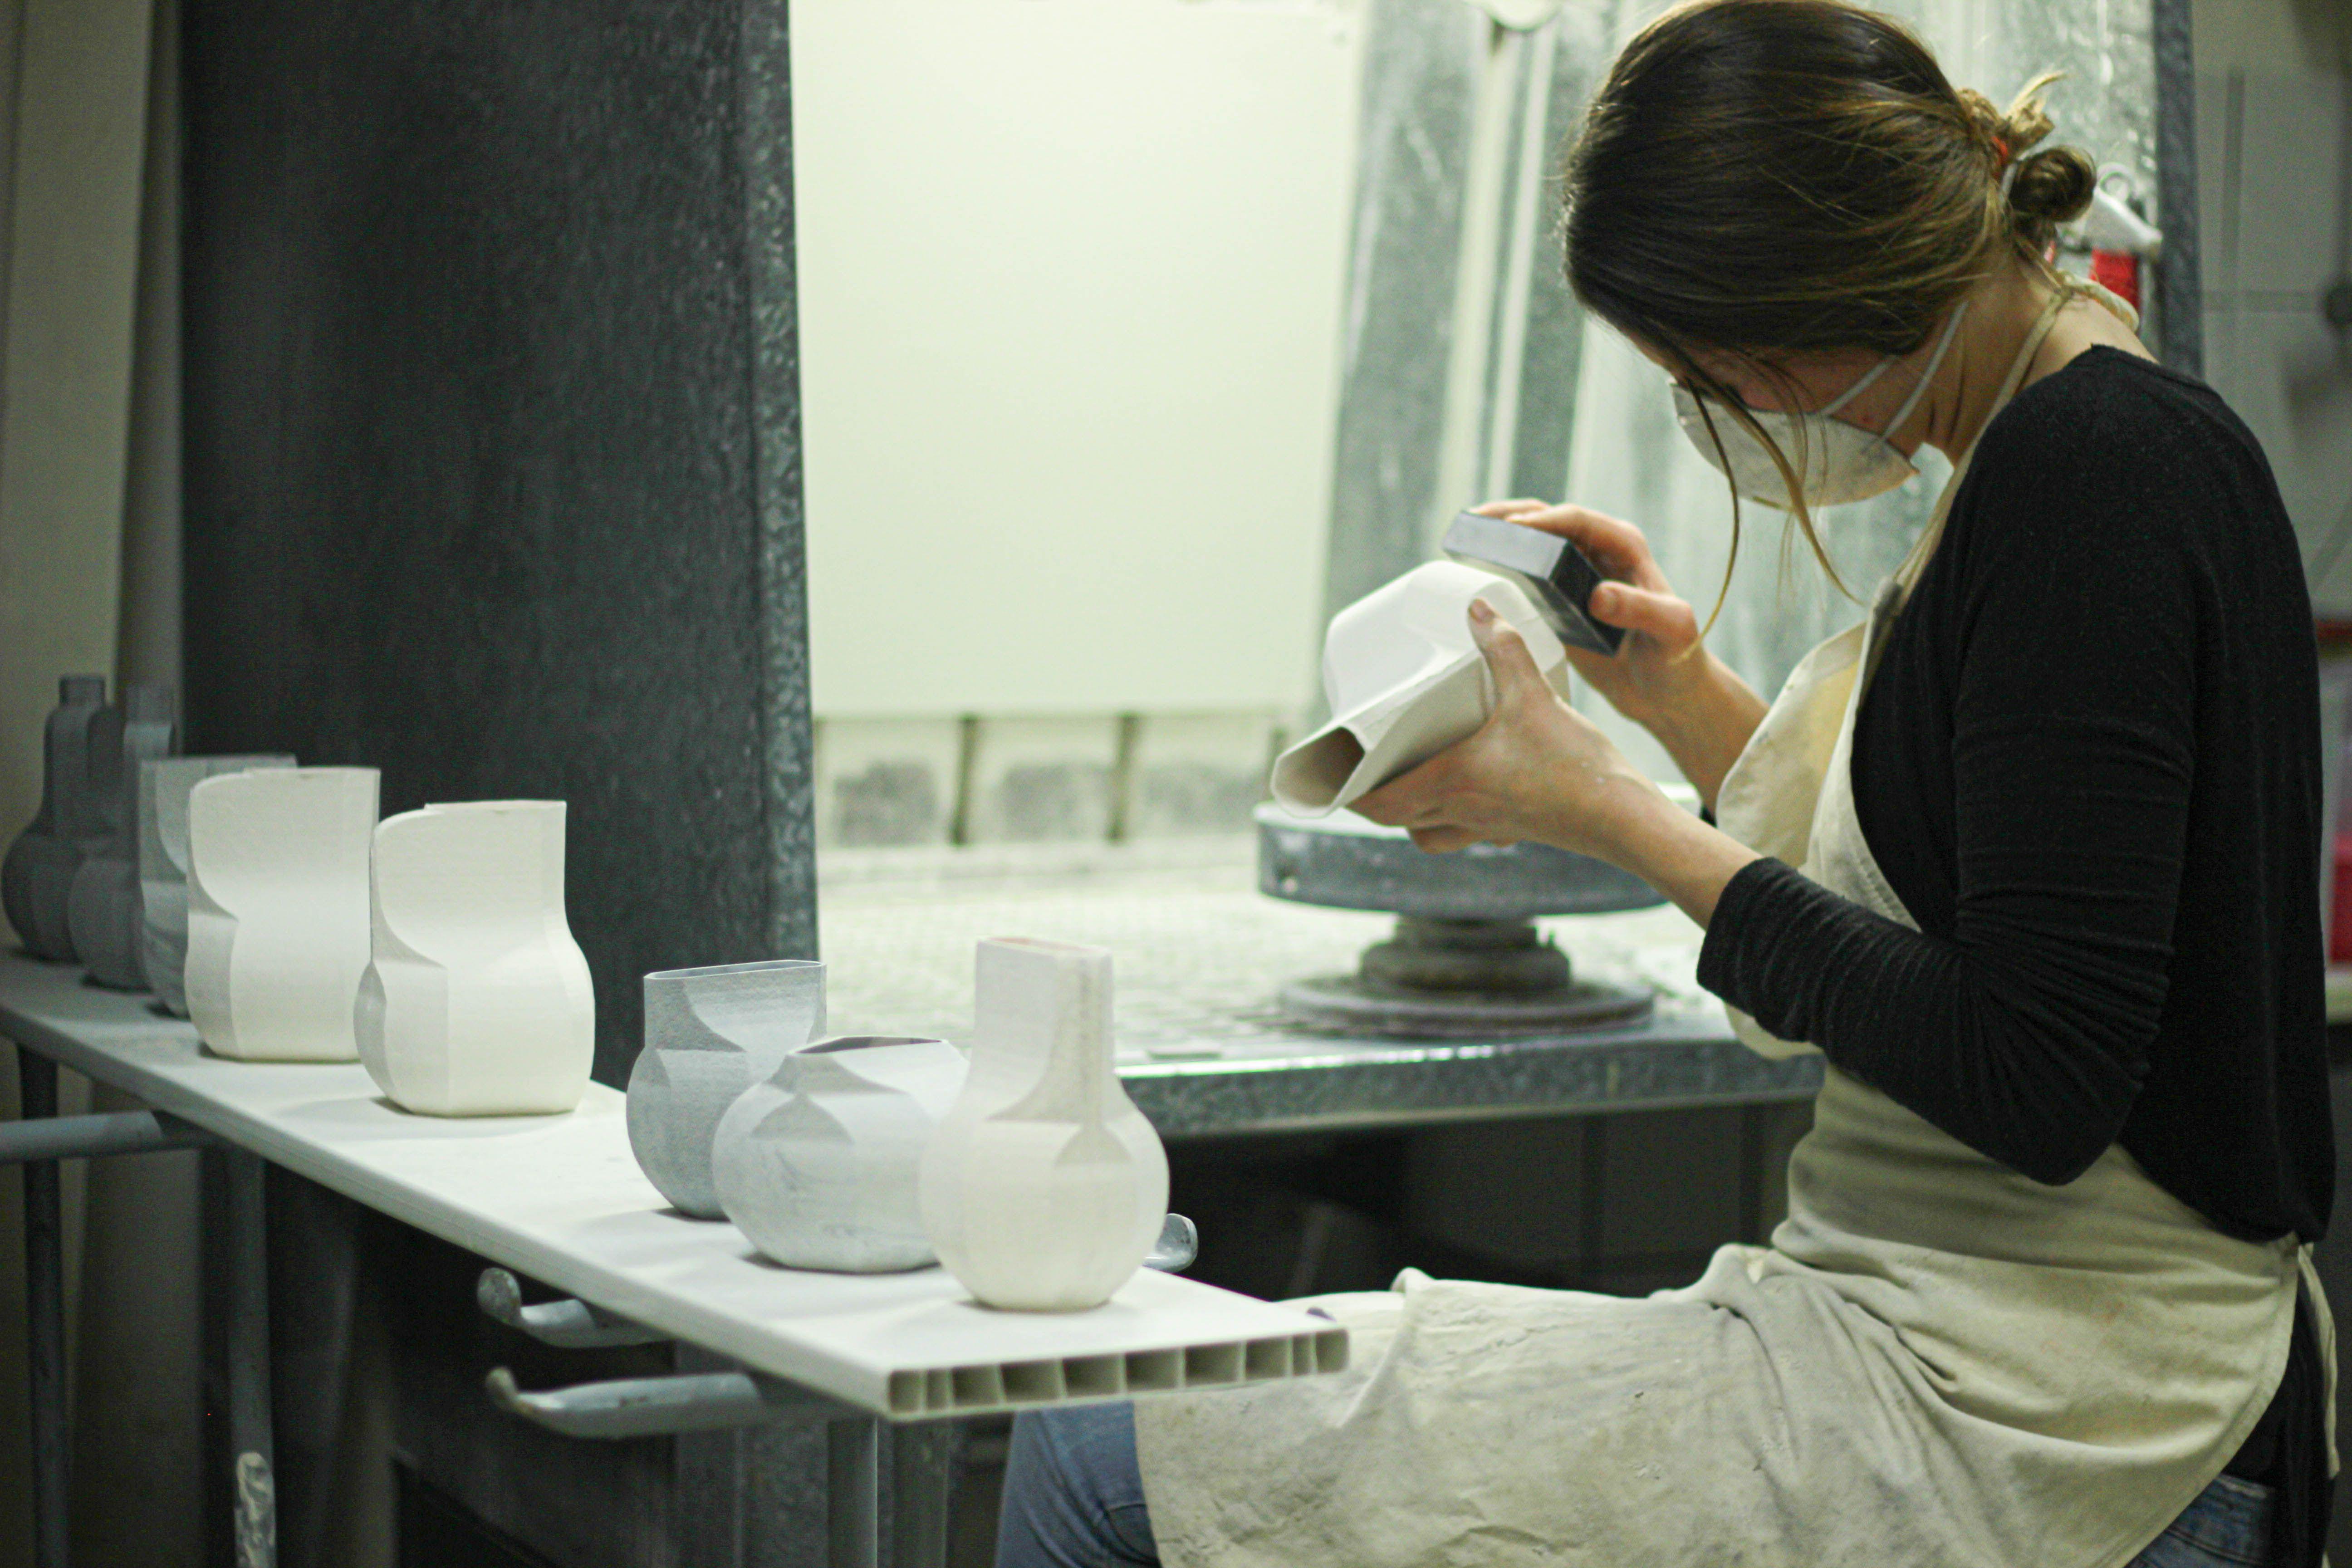 Sanding the prototypes